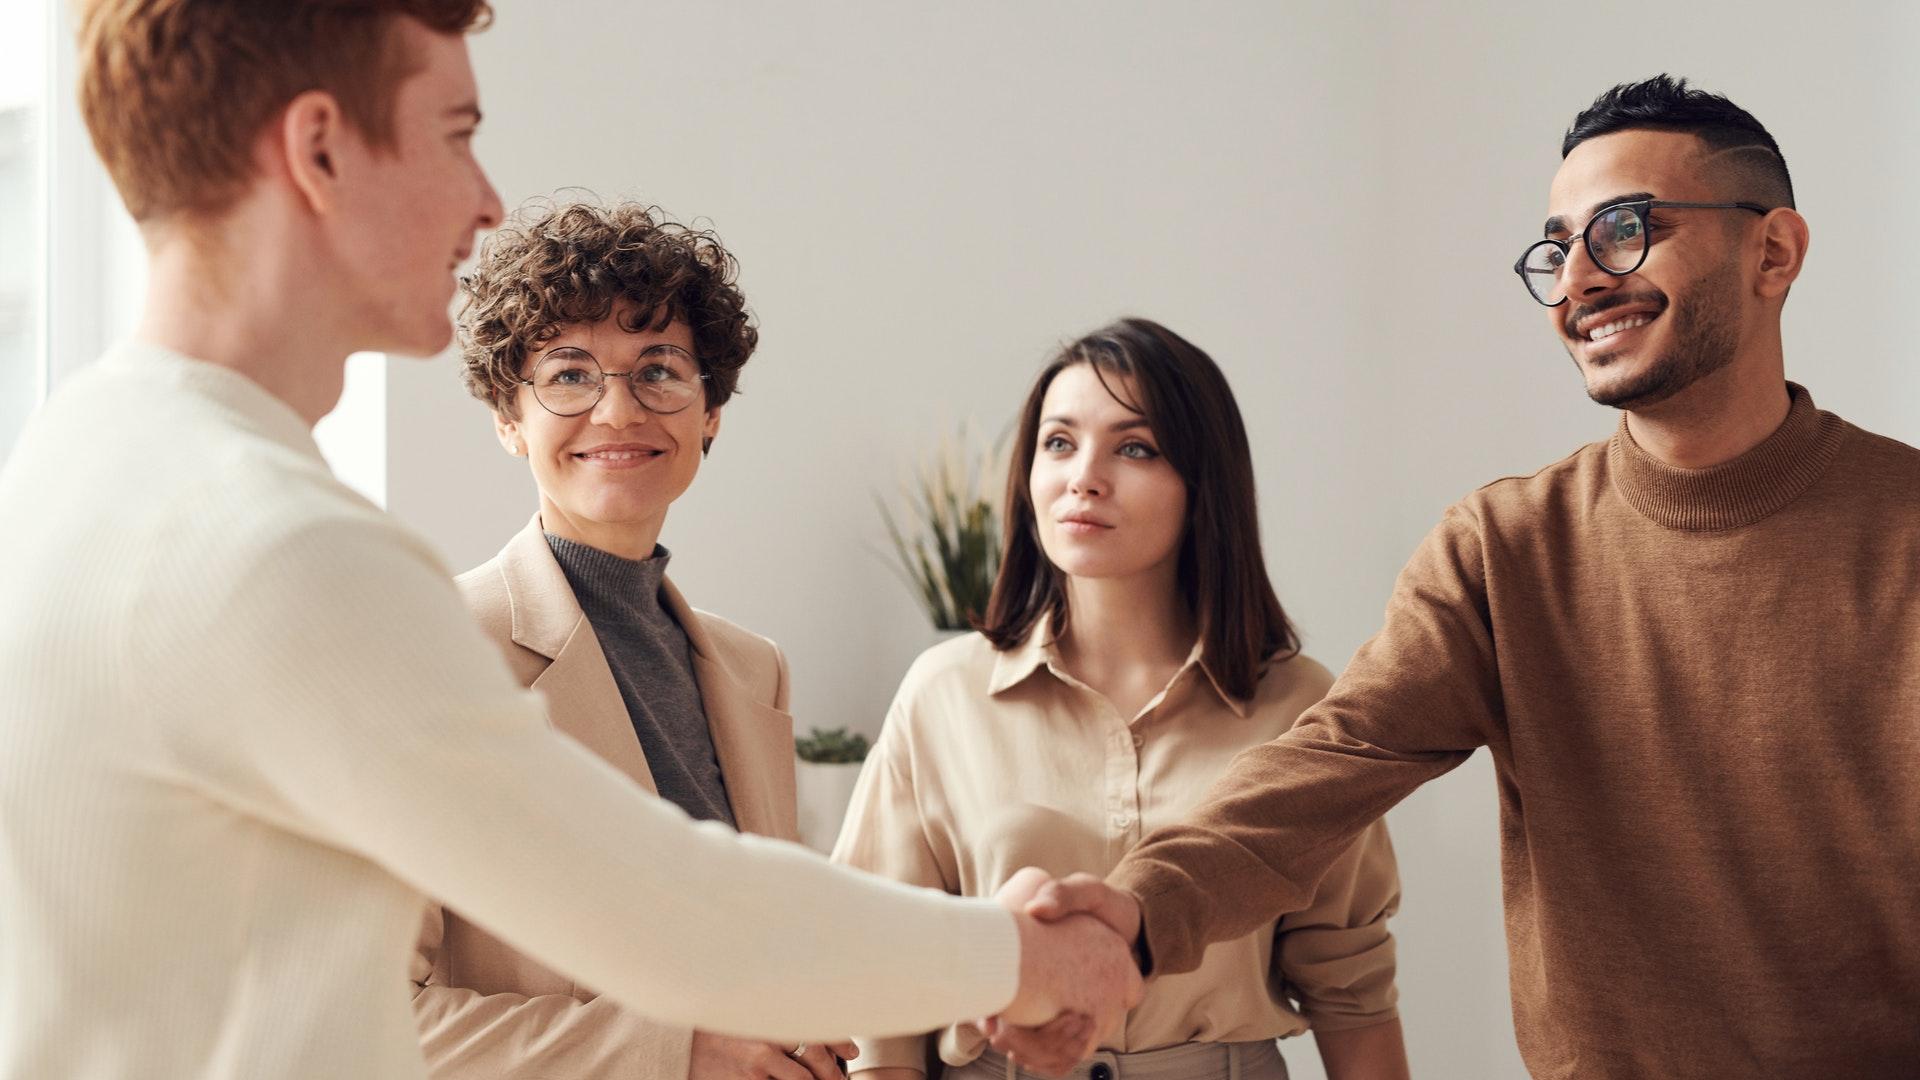 Cómo medir el rendimiento de los empleados